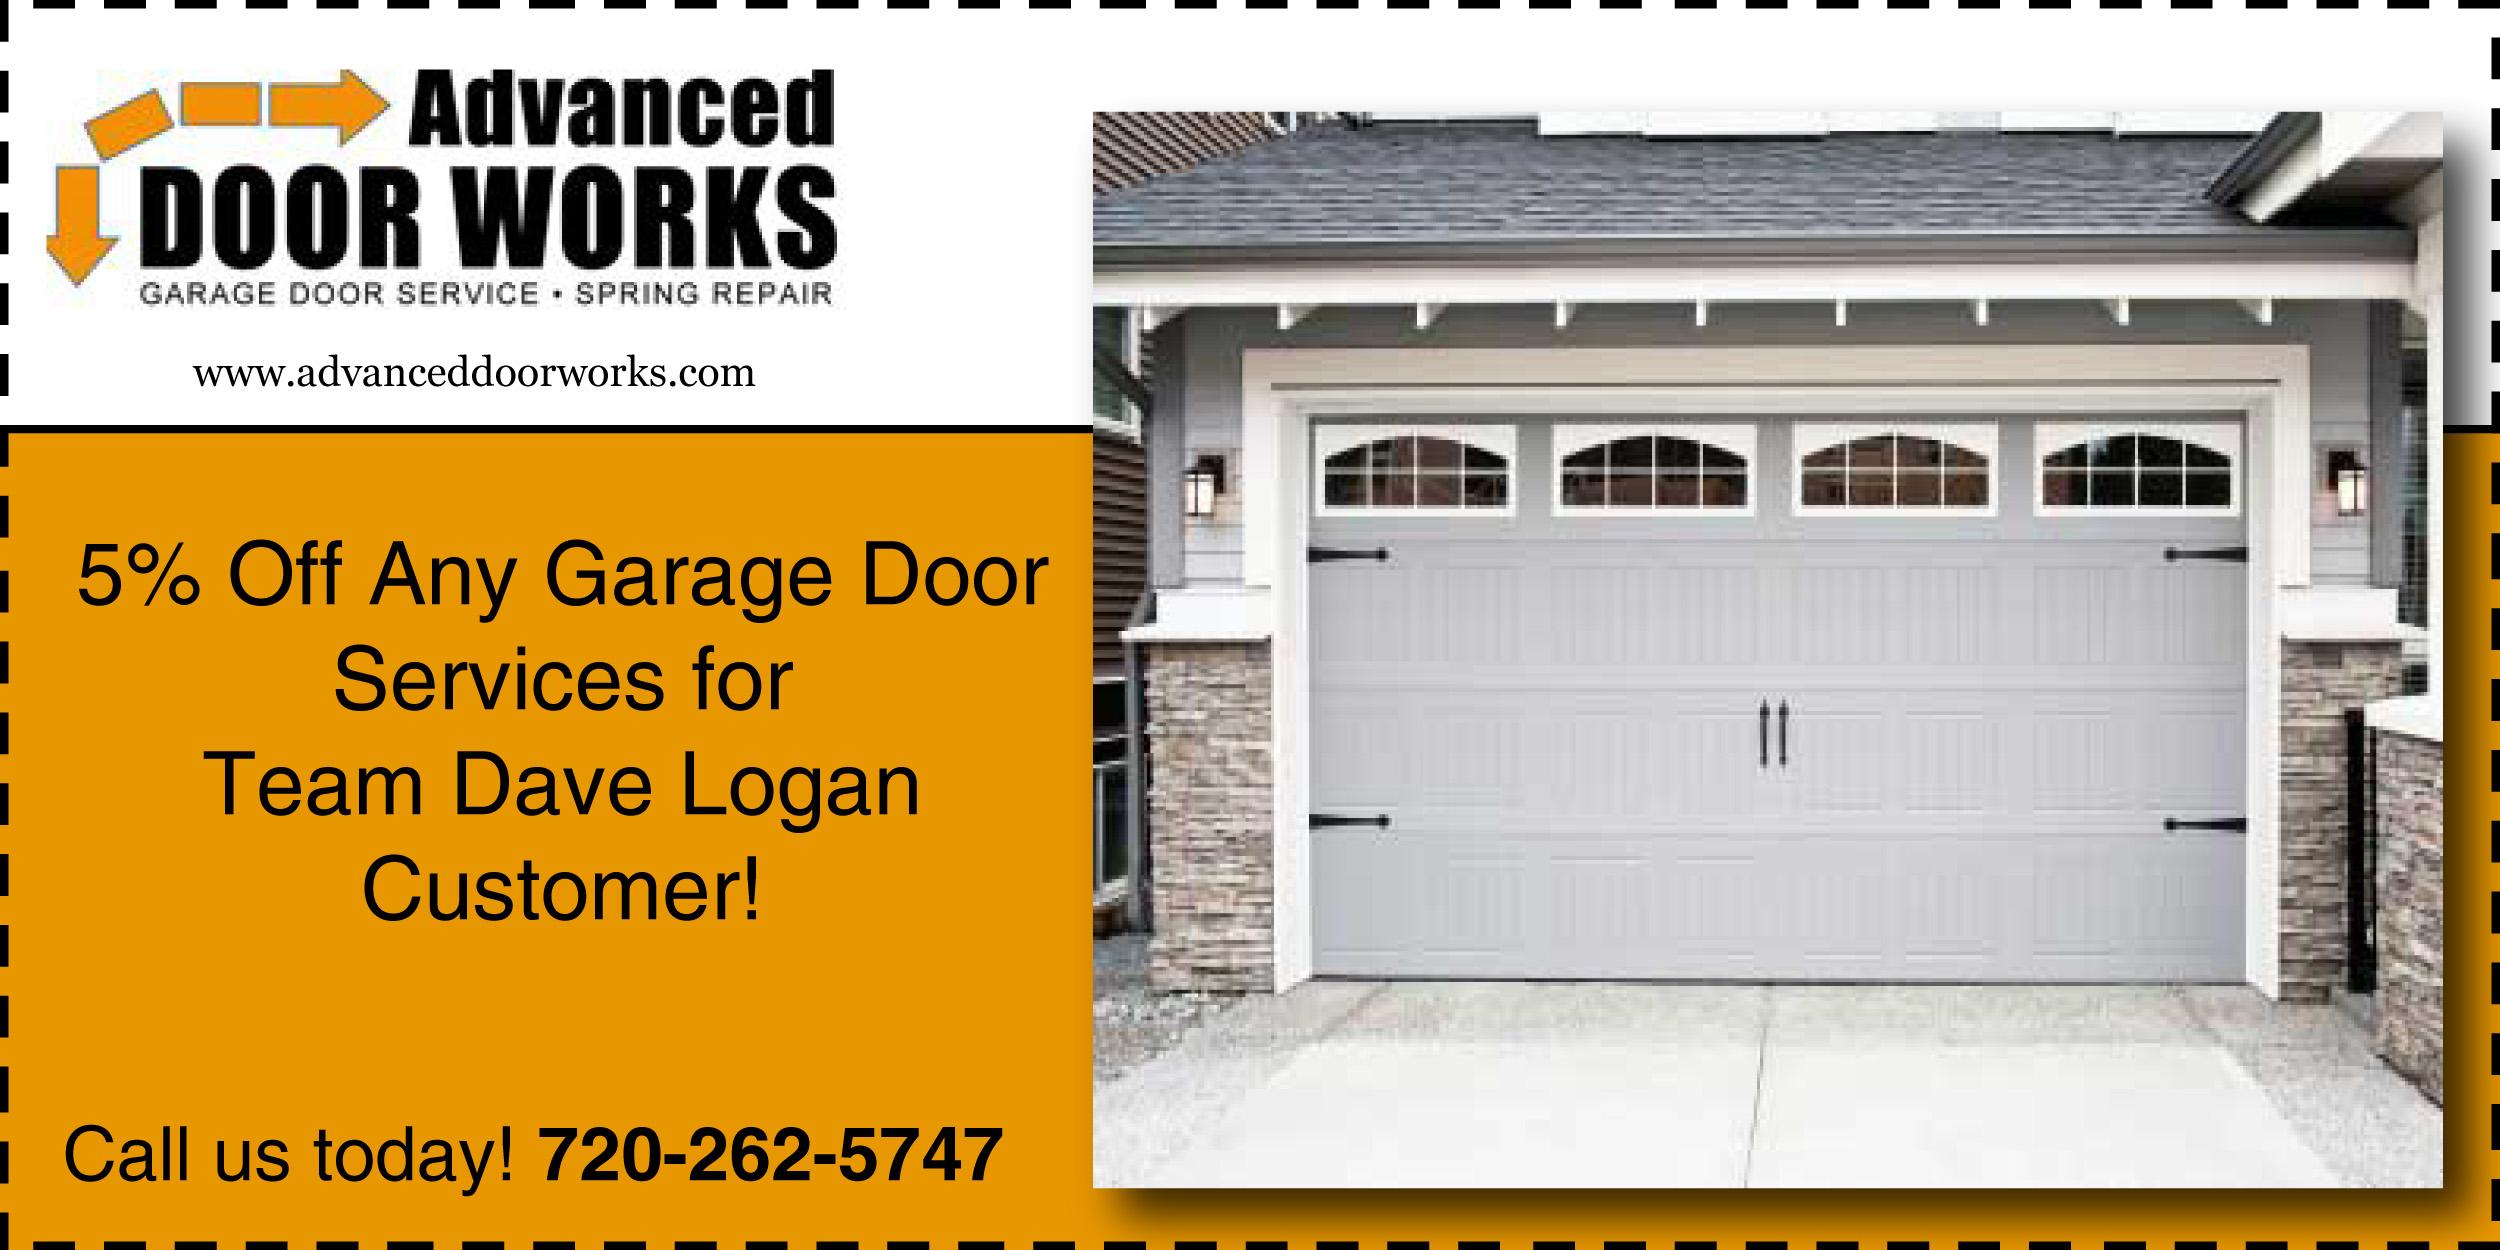 Advanced Door Works Rev